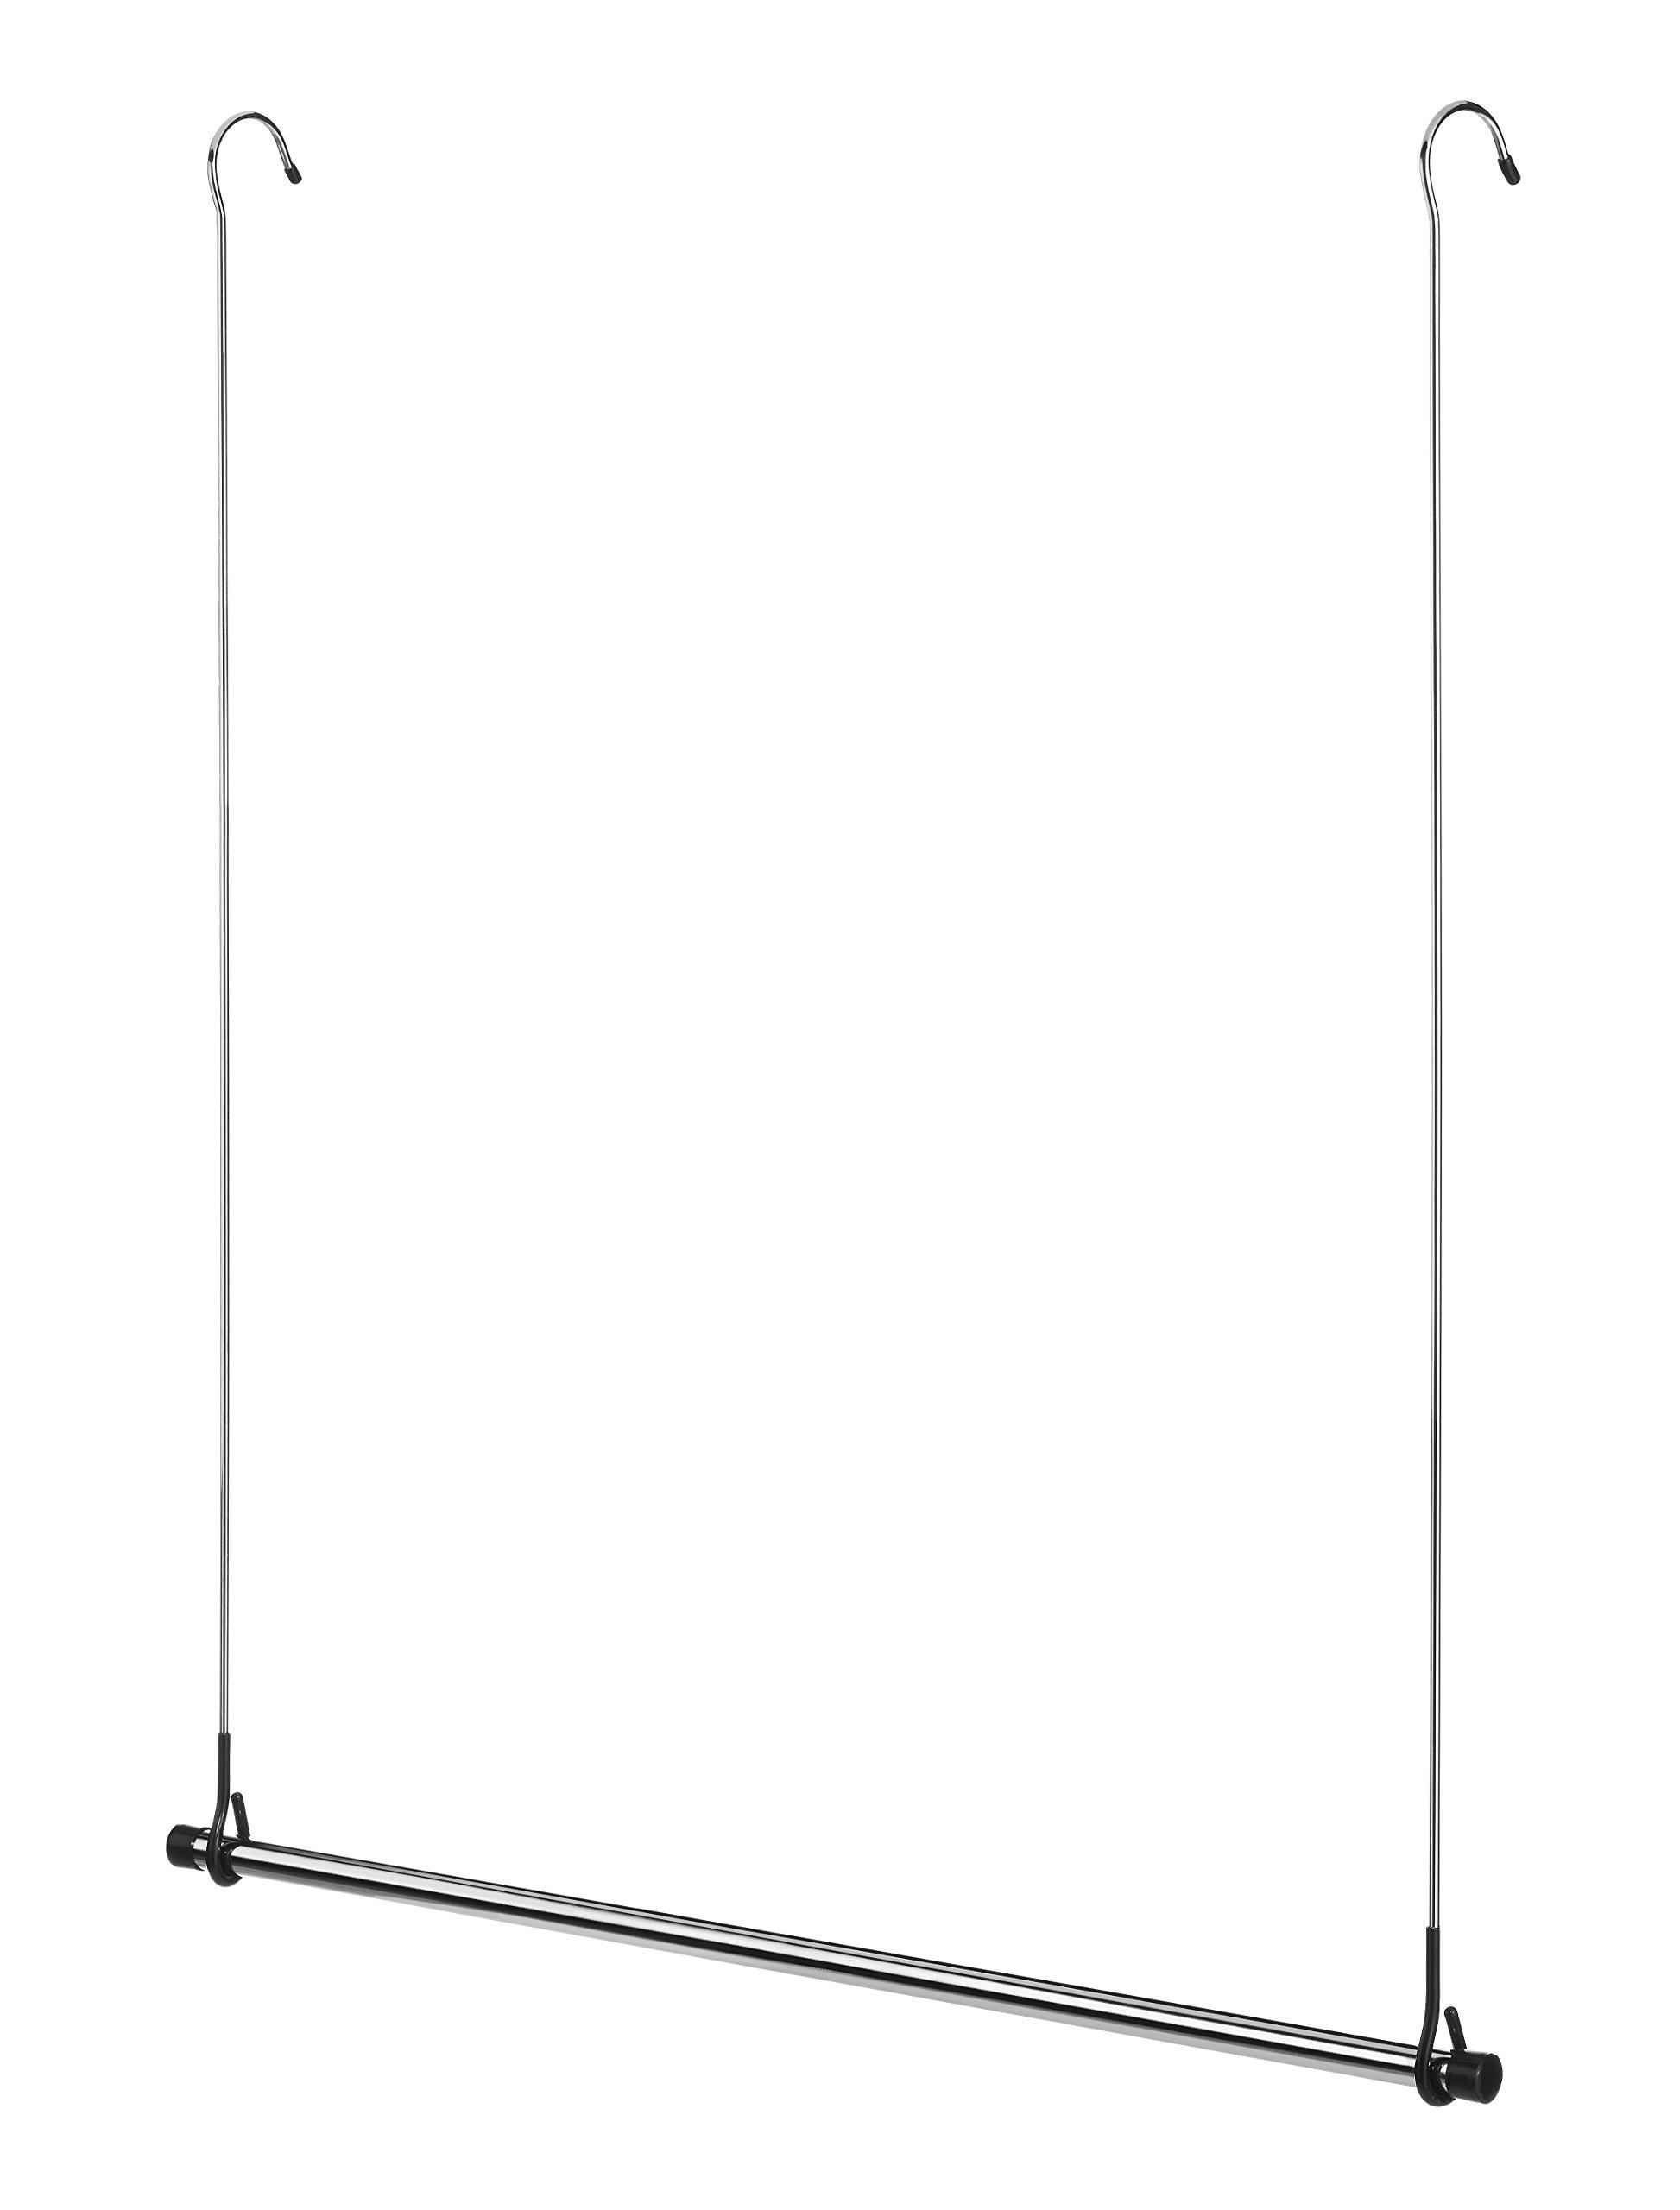 Whitmor Double Closet Rod - Heavy Duty Closet Organizer- Chrome